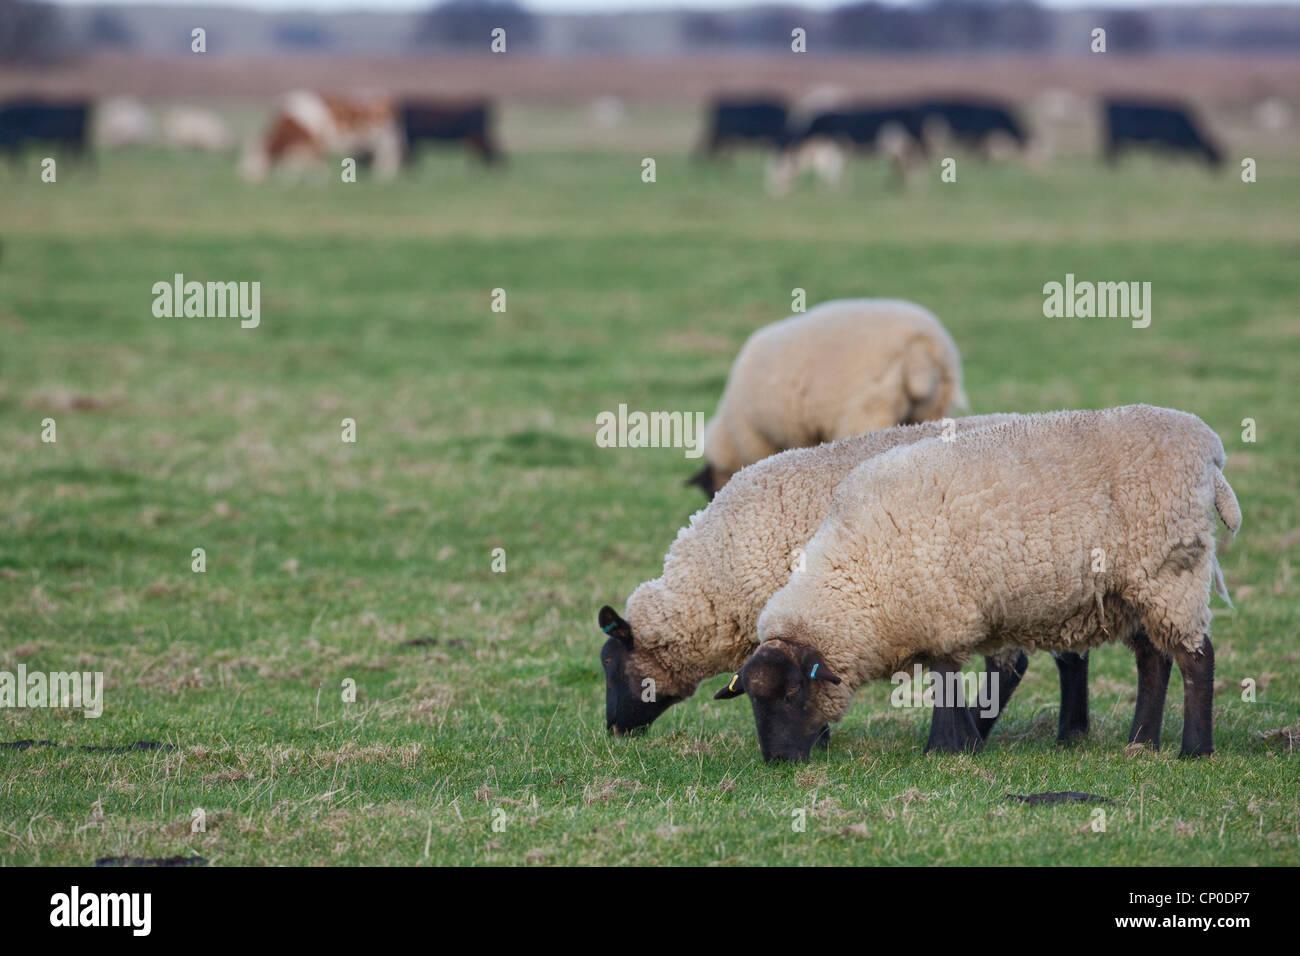 Ovejas (Ovis aries). Suffolk cruz, capa de hierba corta de pastoreo en los pastizales. Pasto corto de esta longitud es atractiva para las ocas salvajes. Foto de stock